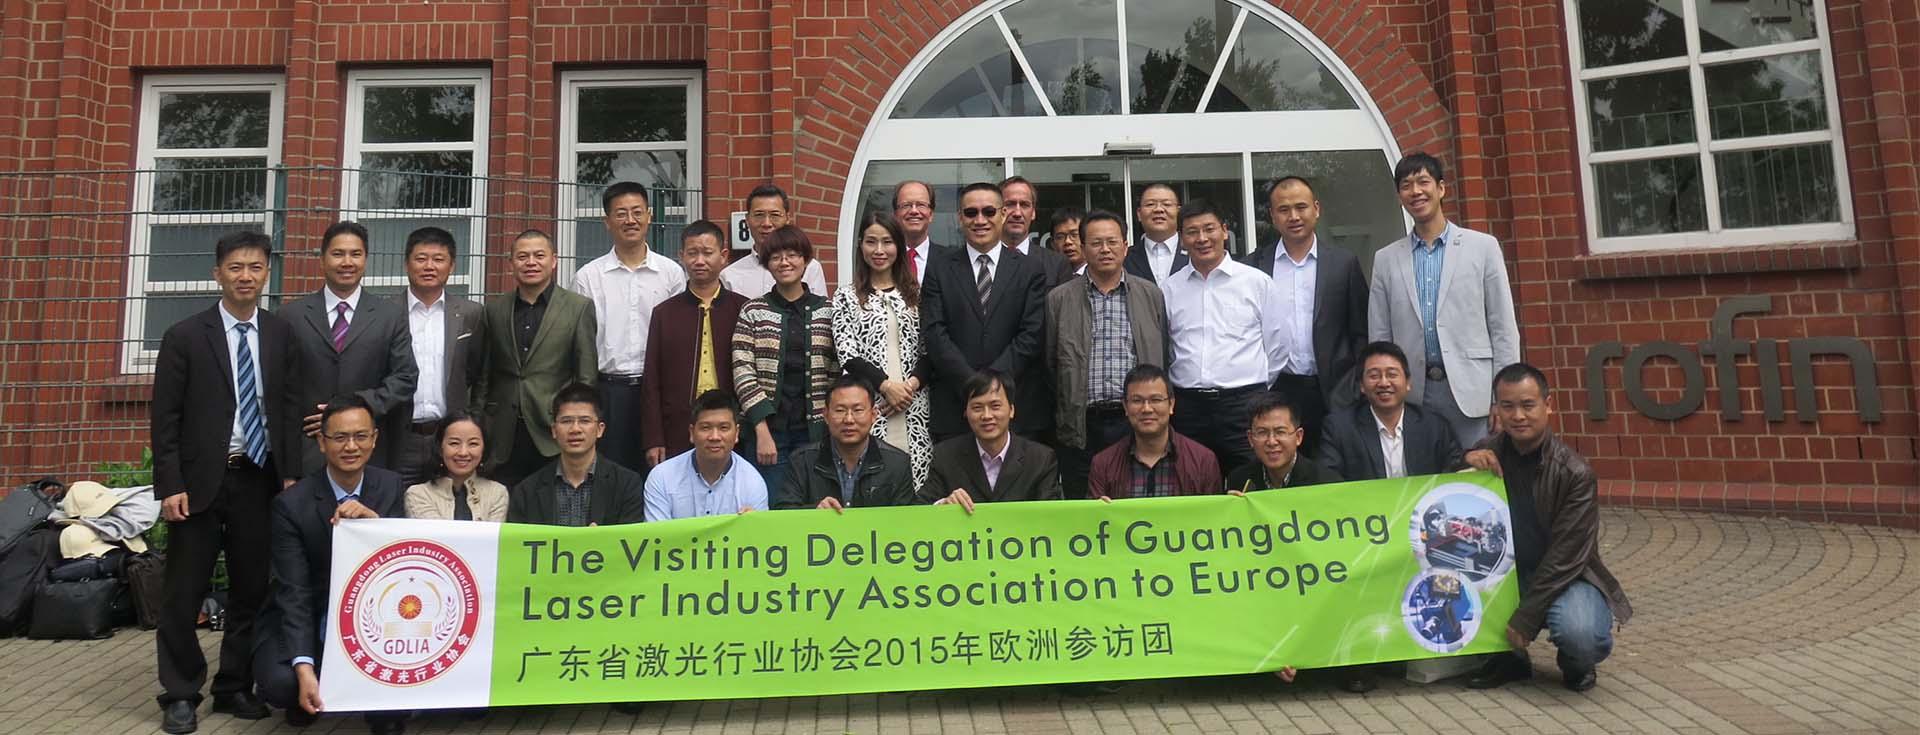 2016亚欧国际工业激光峰会